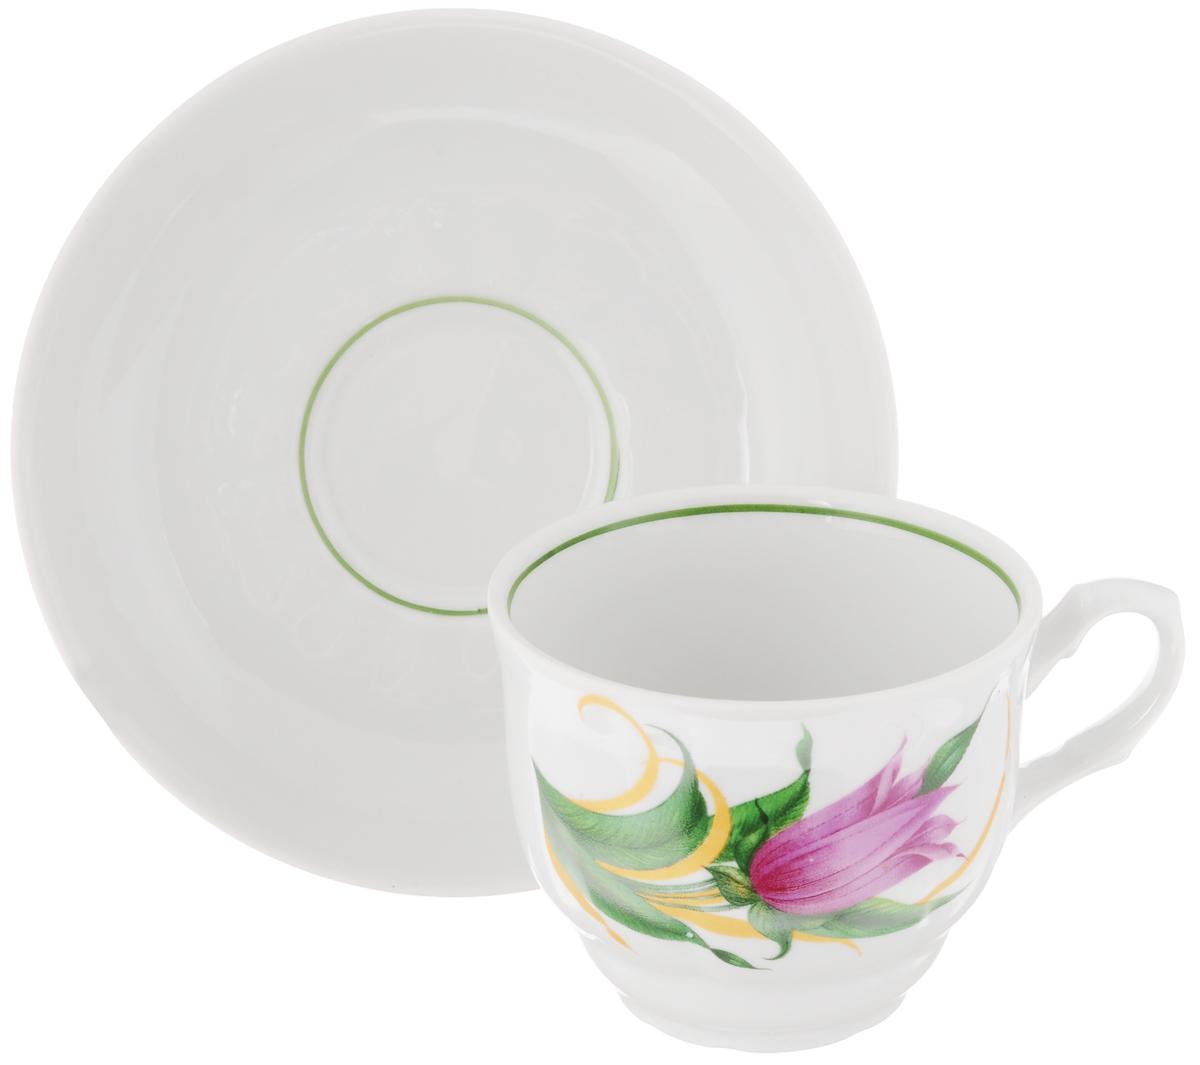 Чайная пара Тюльпан. Колокольчики, 2 предмета115510Чайная пара Тюльпан. Колокольчики состоит из чашки и блюдца, изготовленных из высококачественного фарфора. Яркий дизайн, несомненно, придется вам по вкусу.Чайная пара Тюльпан. Колокольчики украсит ваш кухонный стол, а также станет замечательным подарком к любому празднику.Объем чашки: 250 мл.Диаметр чашки (по верхнему краю): 8,7 см.Высота чашки: 7 см.Диаметр блюдца: 15 см.Высота блюдца: 3 см.